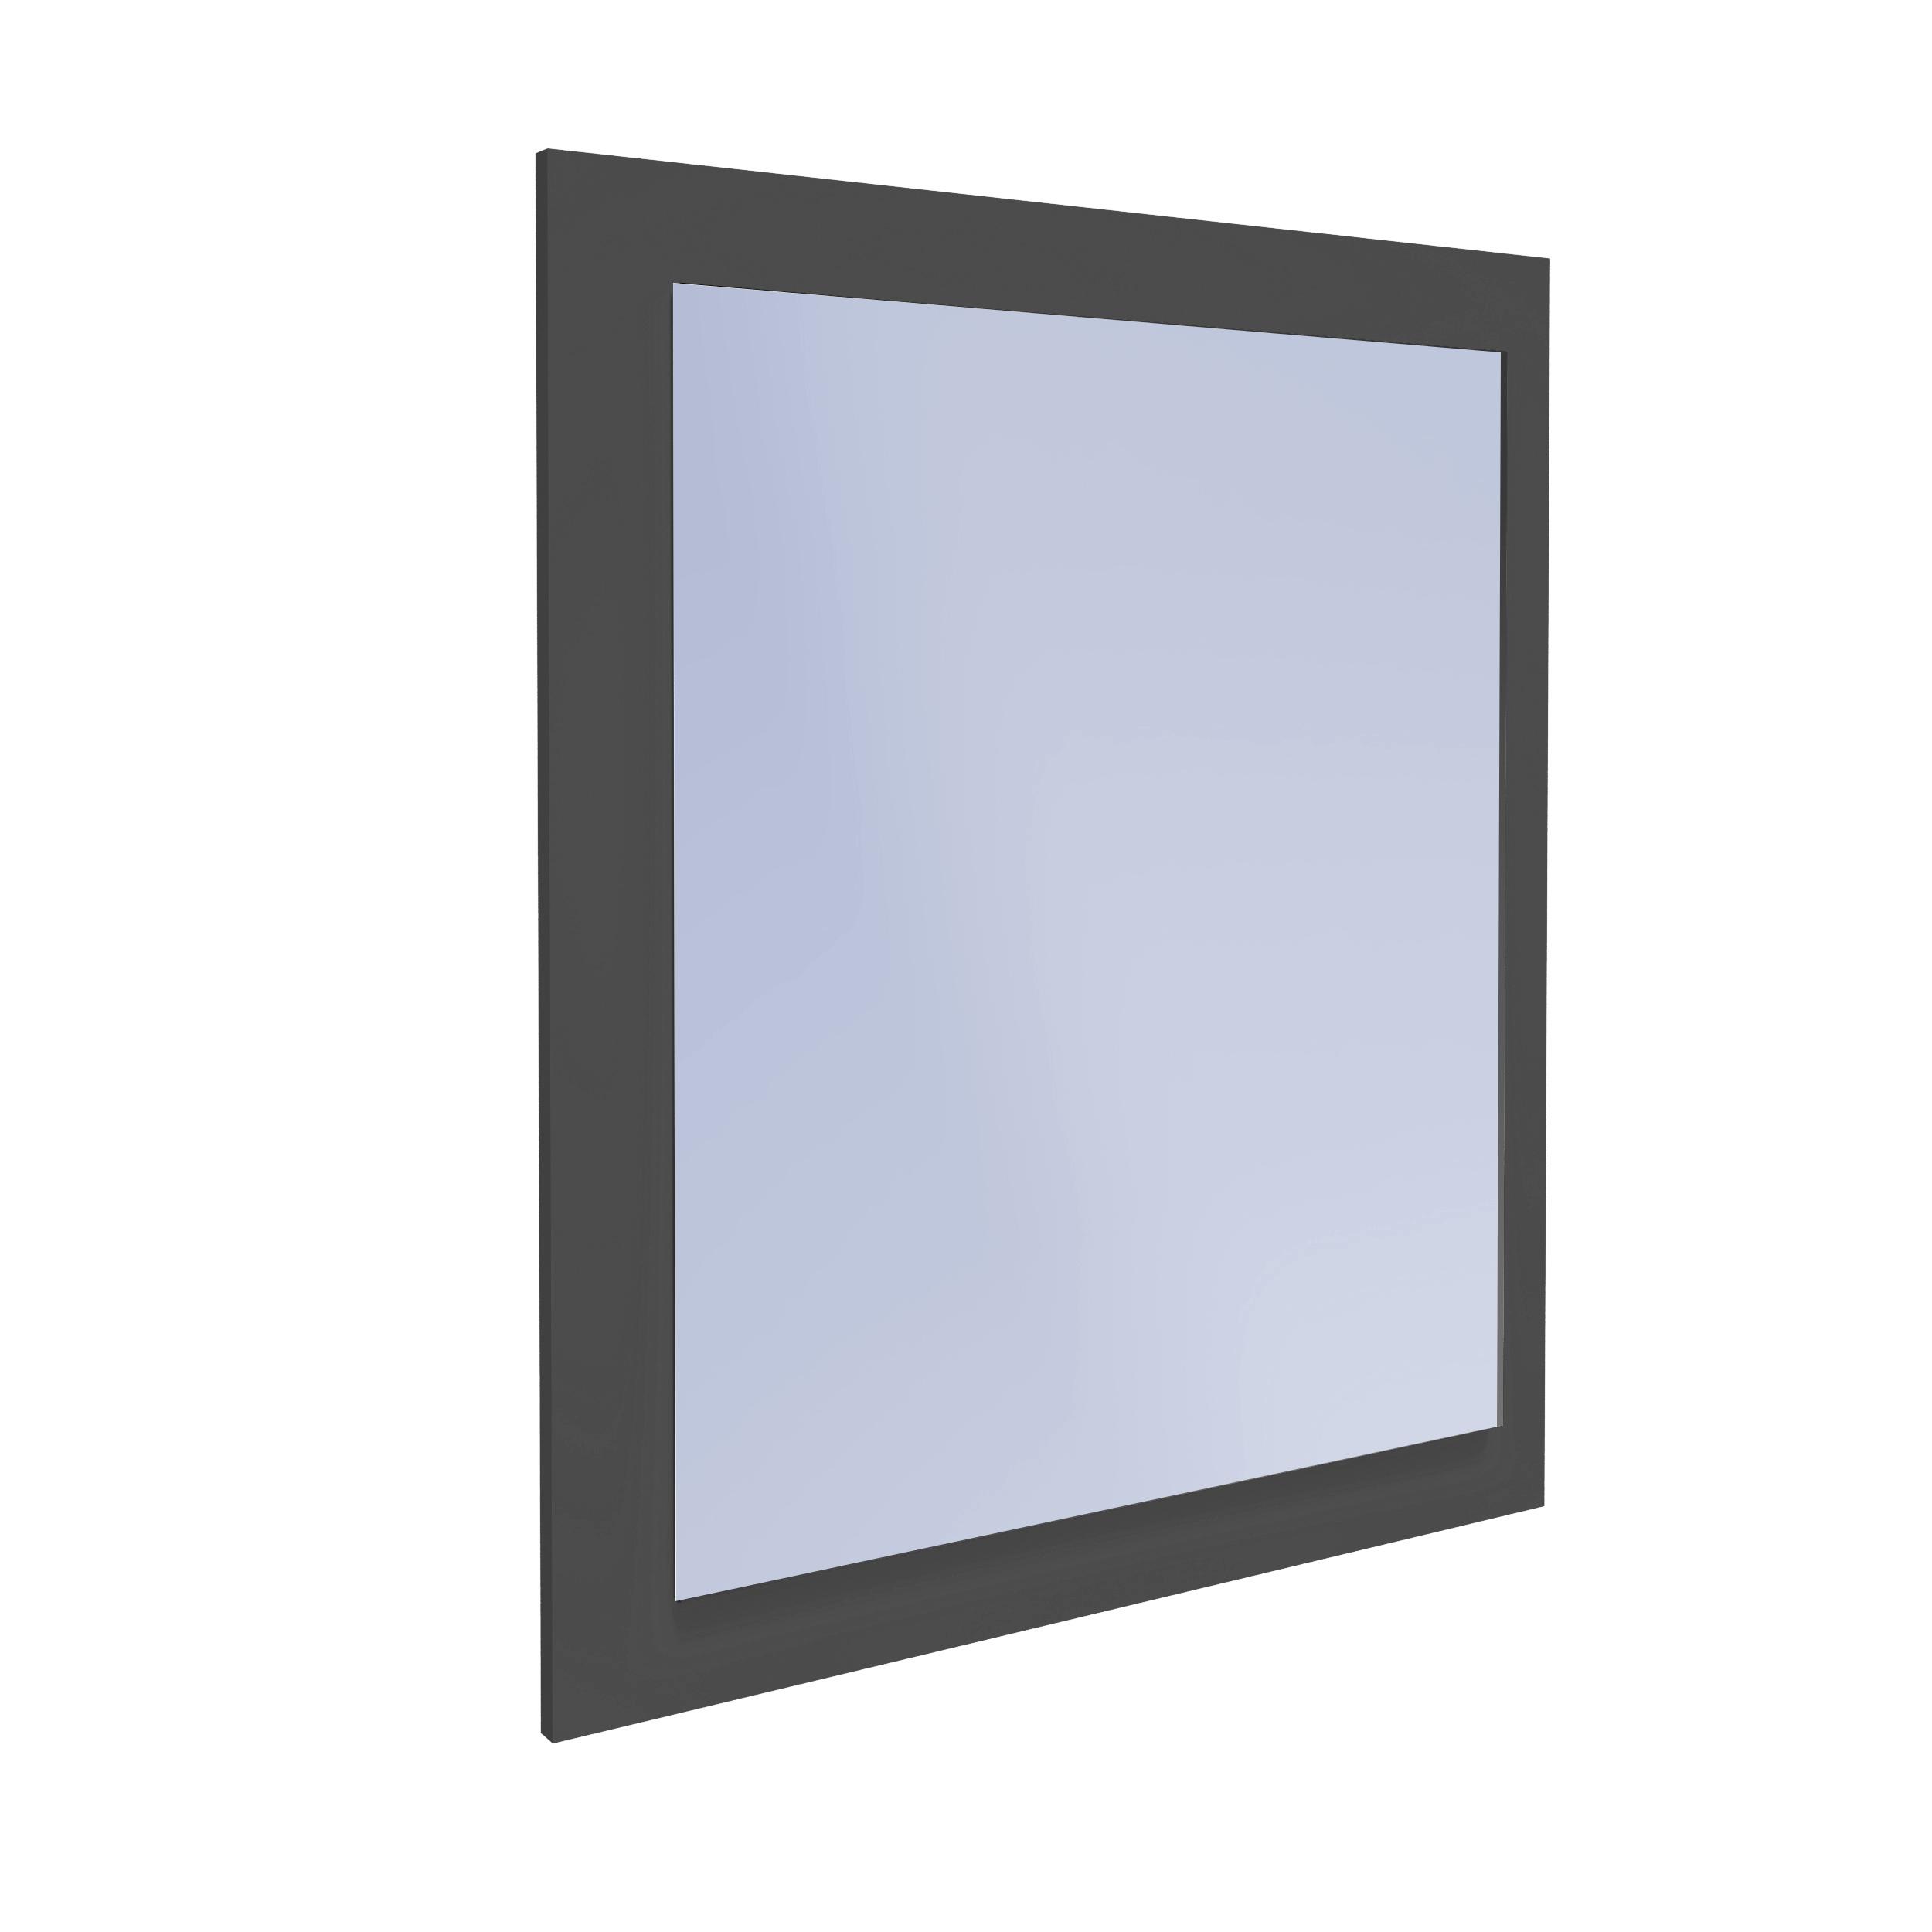 Zrkadlo pre kúpeľne na Palube IGA GRAFIT Obdĺžnikové